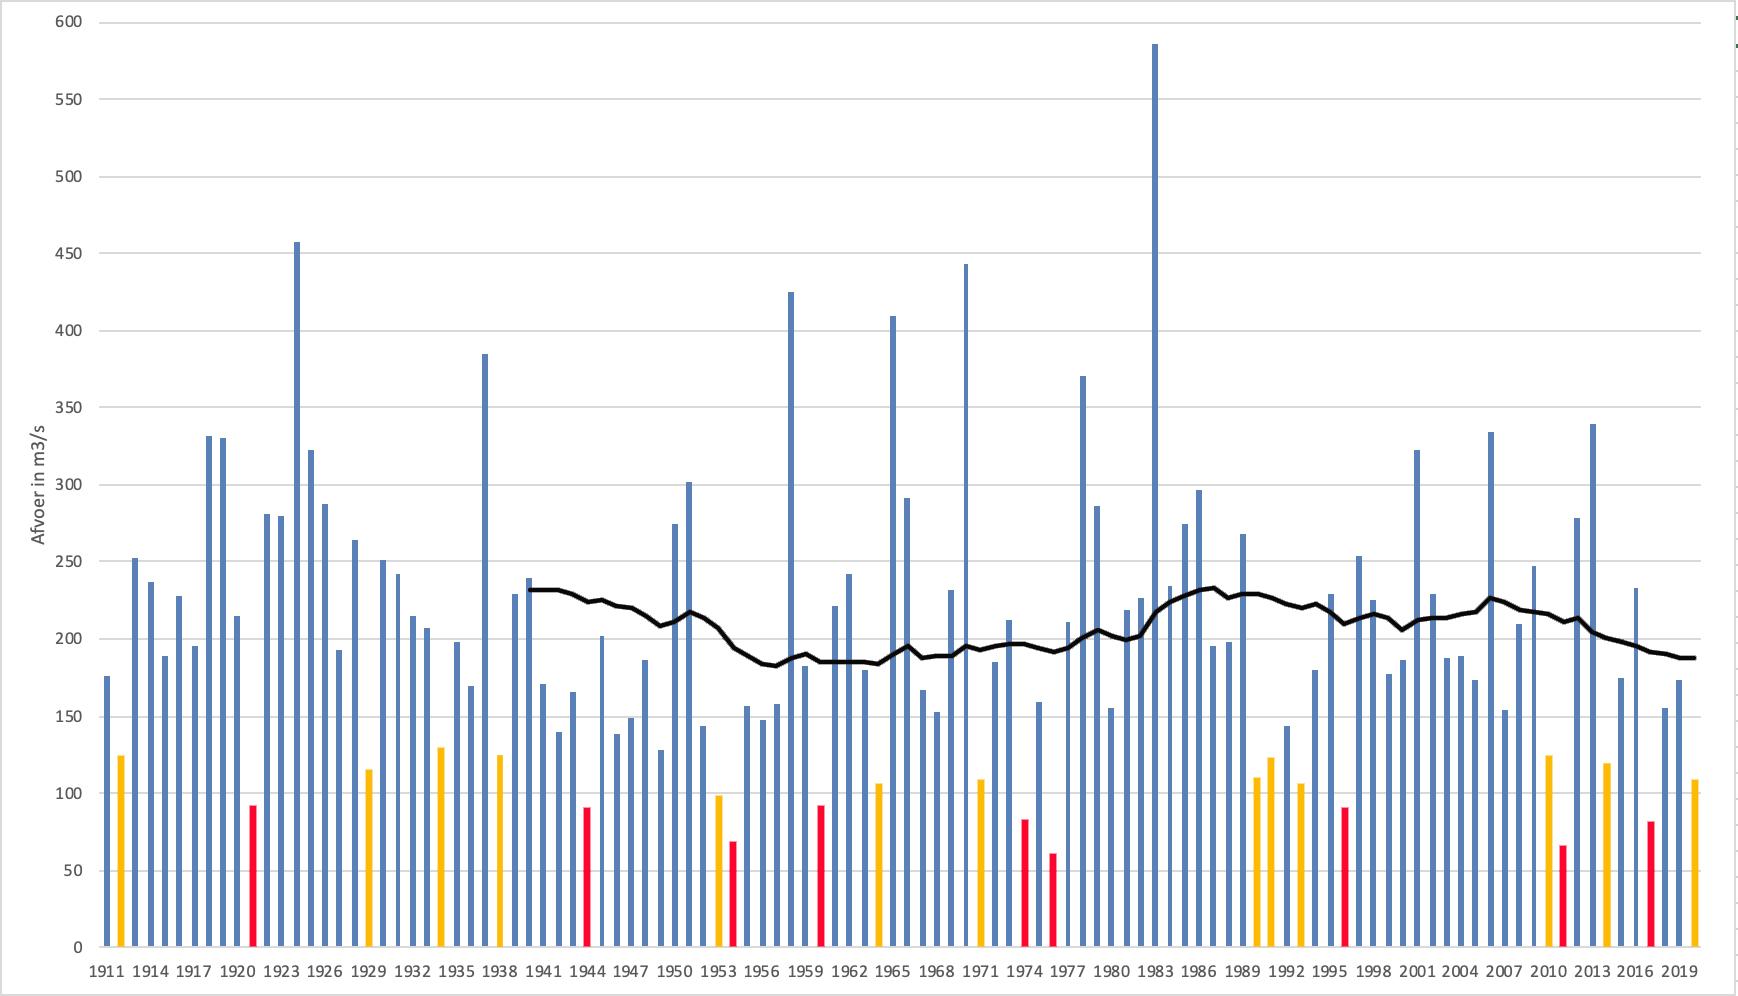 Verloop van de gemiddelde afvoer van de maand mei voor de Maas bij Monsin sinds 1911 en het 30-jarig gemiddelde (zwarte lijn). Maanden met een nog (veel) lagere afvoer dan deze maand mei zijn rood weergegeven en met een ongeveer even lage afvoer oranje